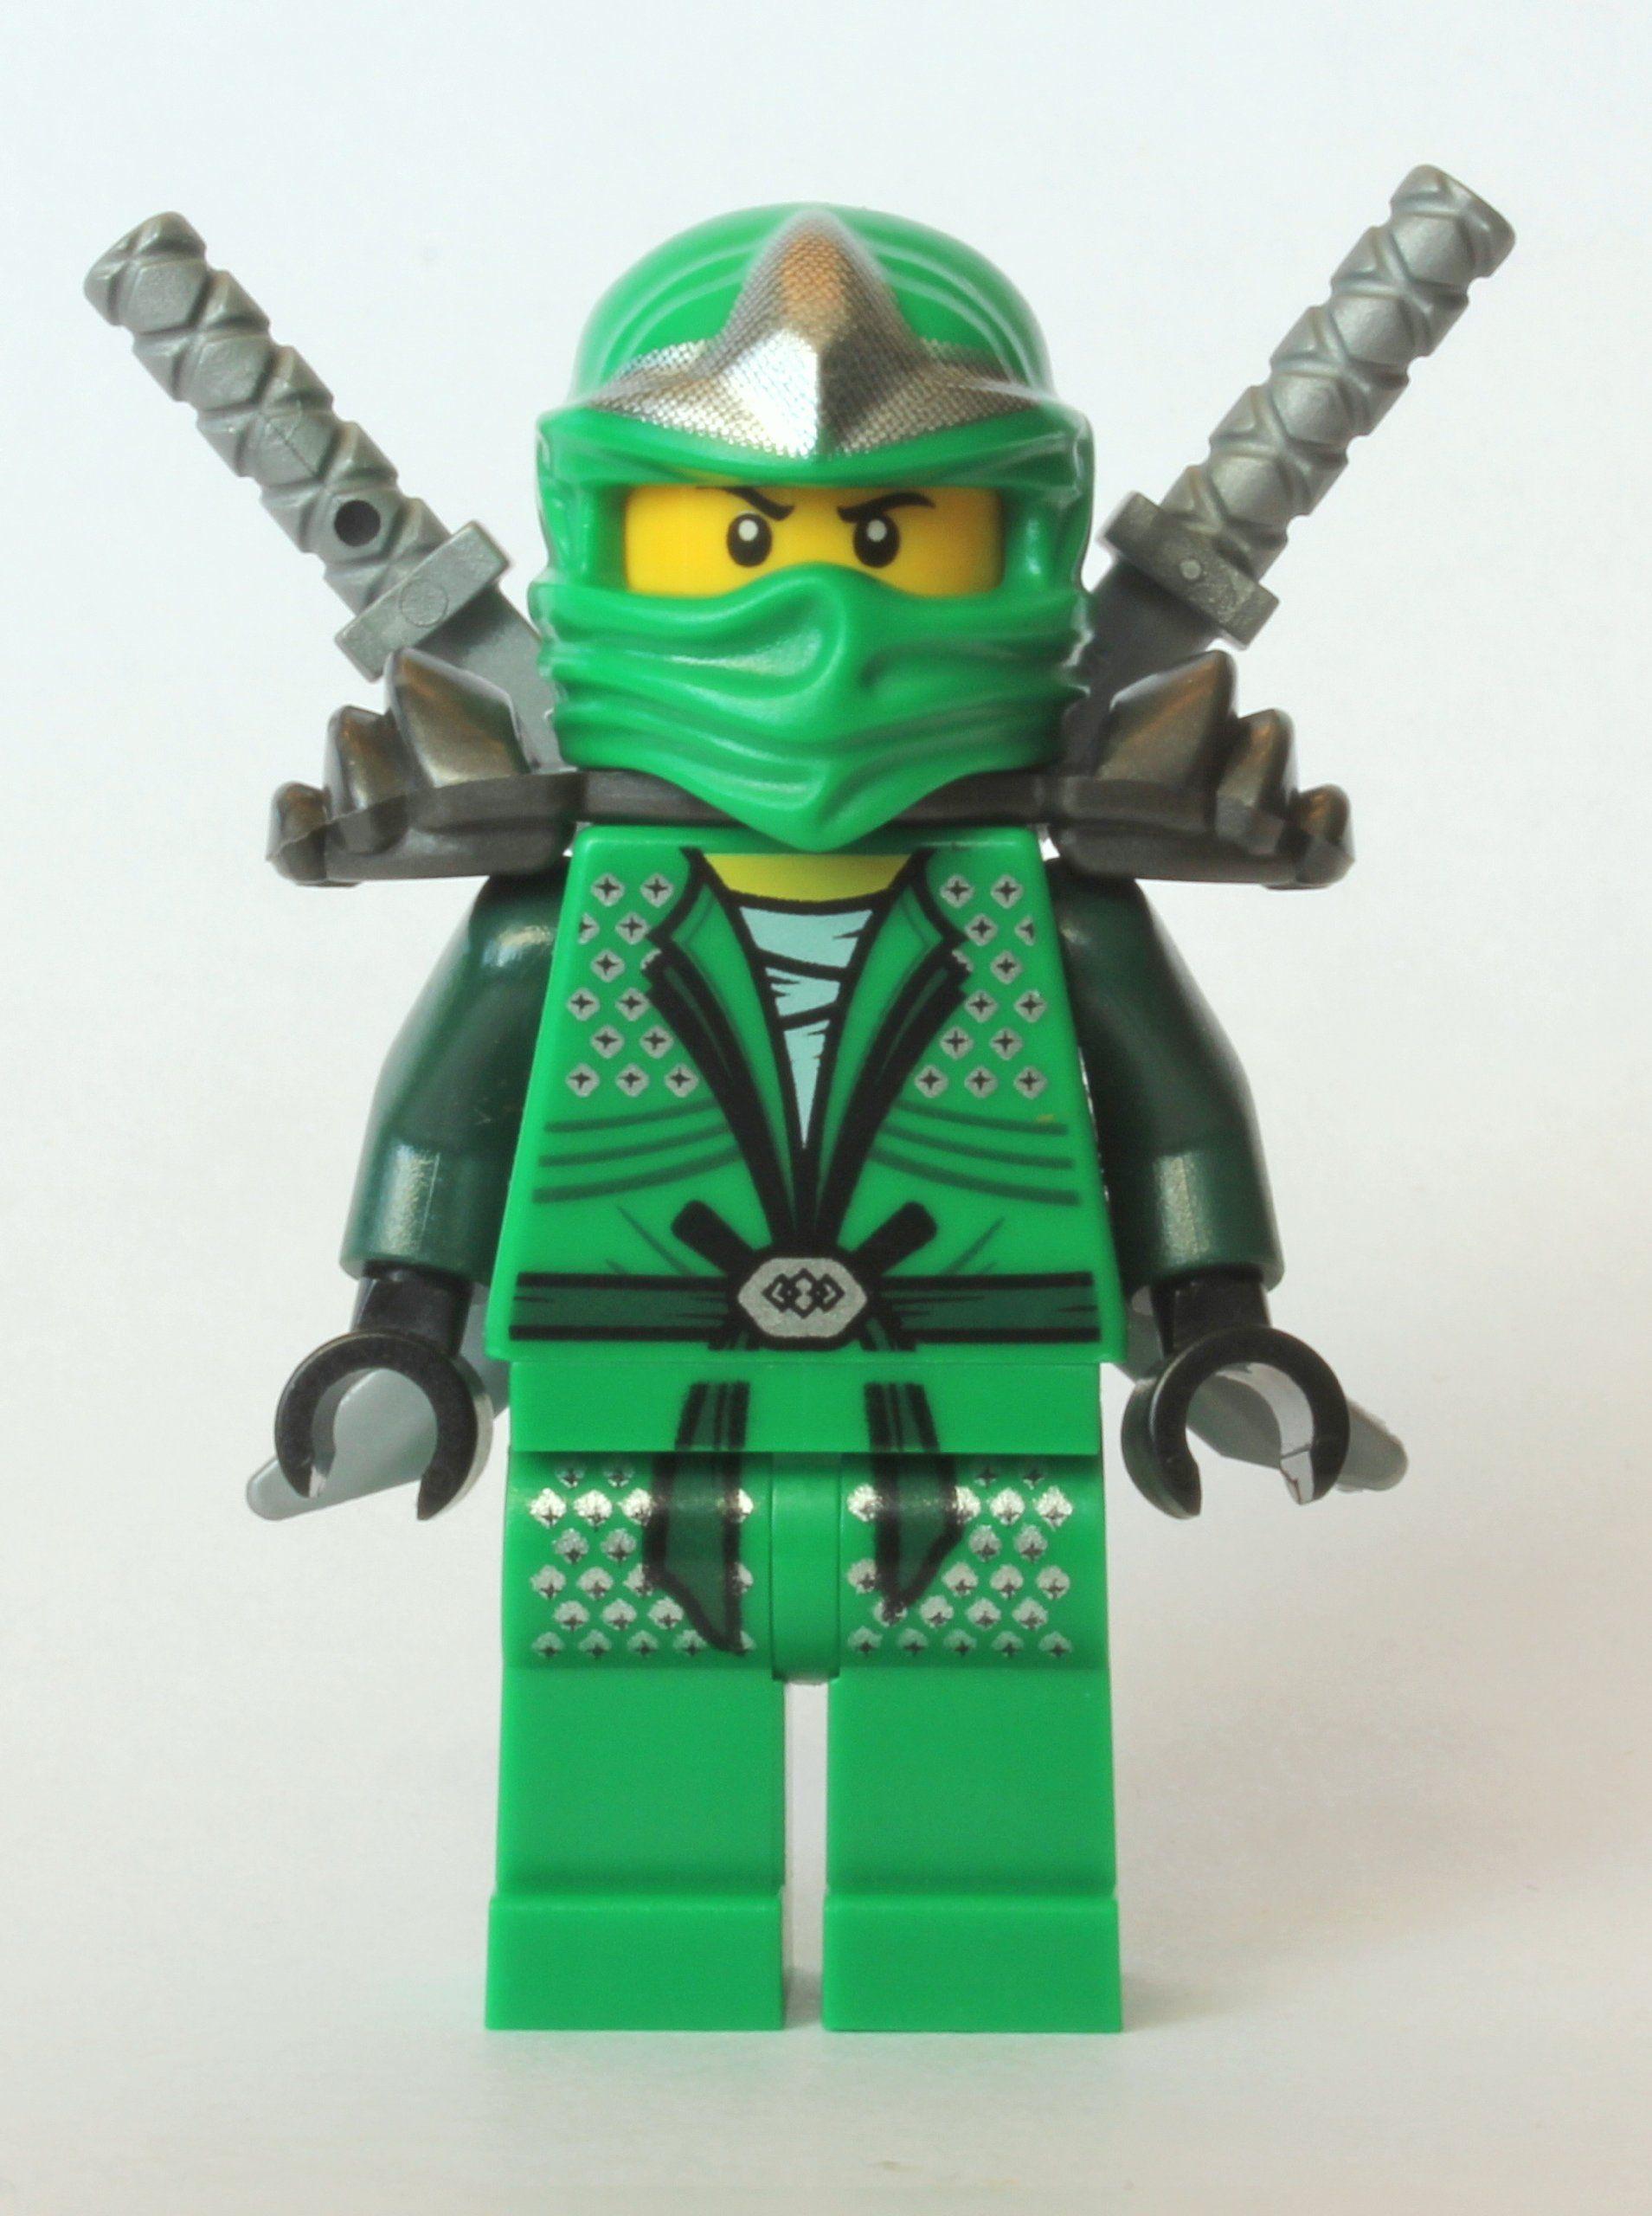 ninjago characters - Google Search   Lego ninjago lloyd ...